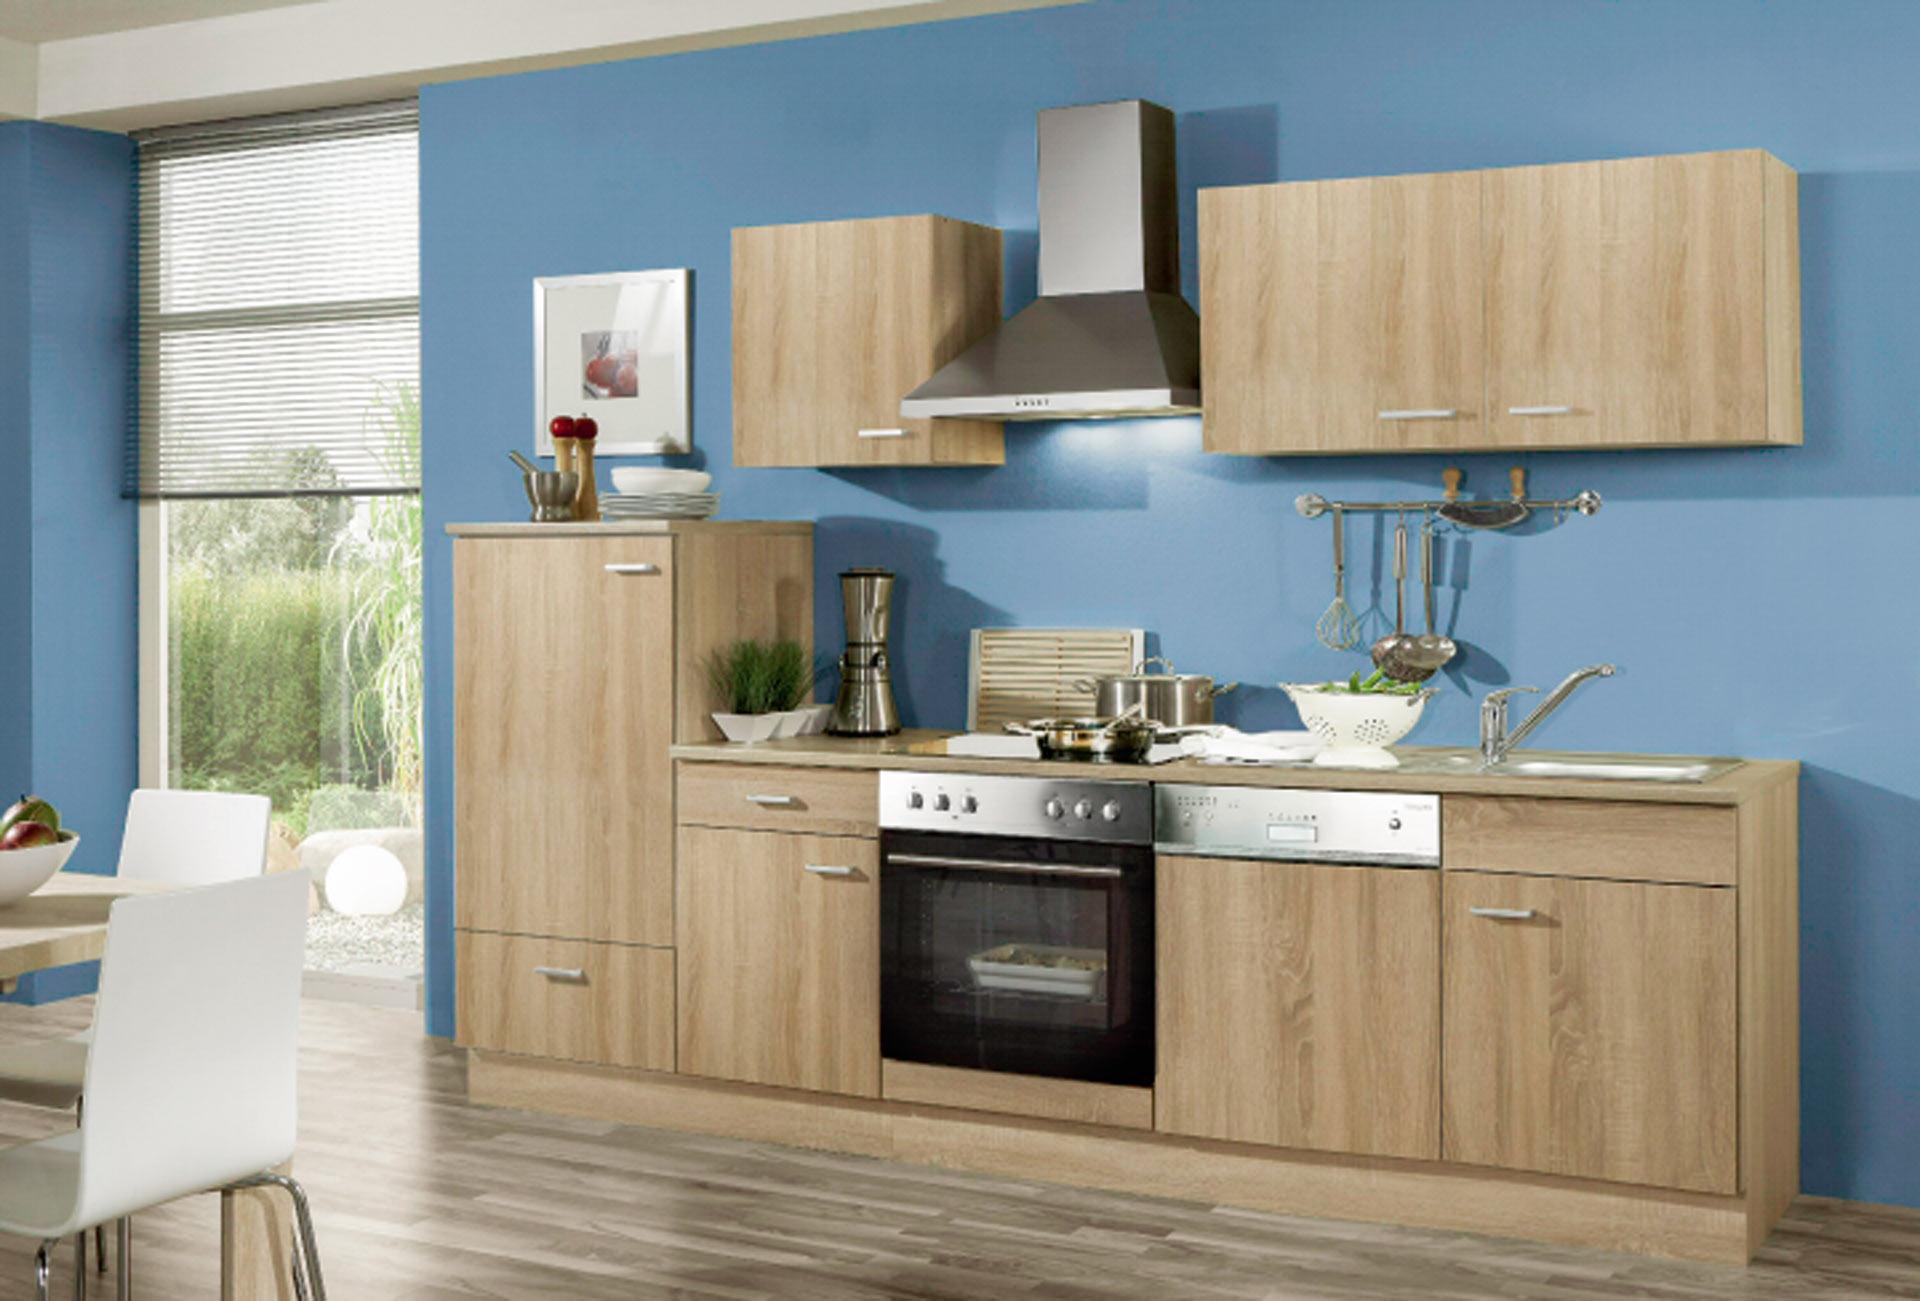 Full Size of Einbauküchen Mit Elektrogeräten Ohne Kühlschrank Einbauküche Mit Elektrogeräten Billig Einbauküche Mit Elektrogeräten Unter 1000 Euro Einbauküche Elektrogeräte Miele Küche Einbauküche Mit Elektrogeräten